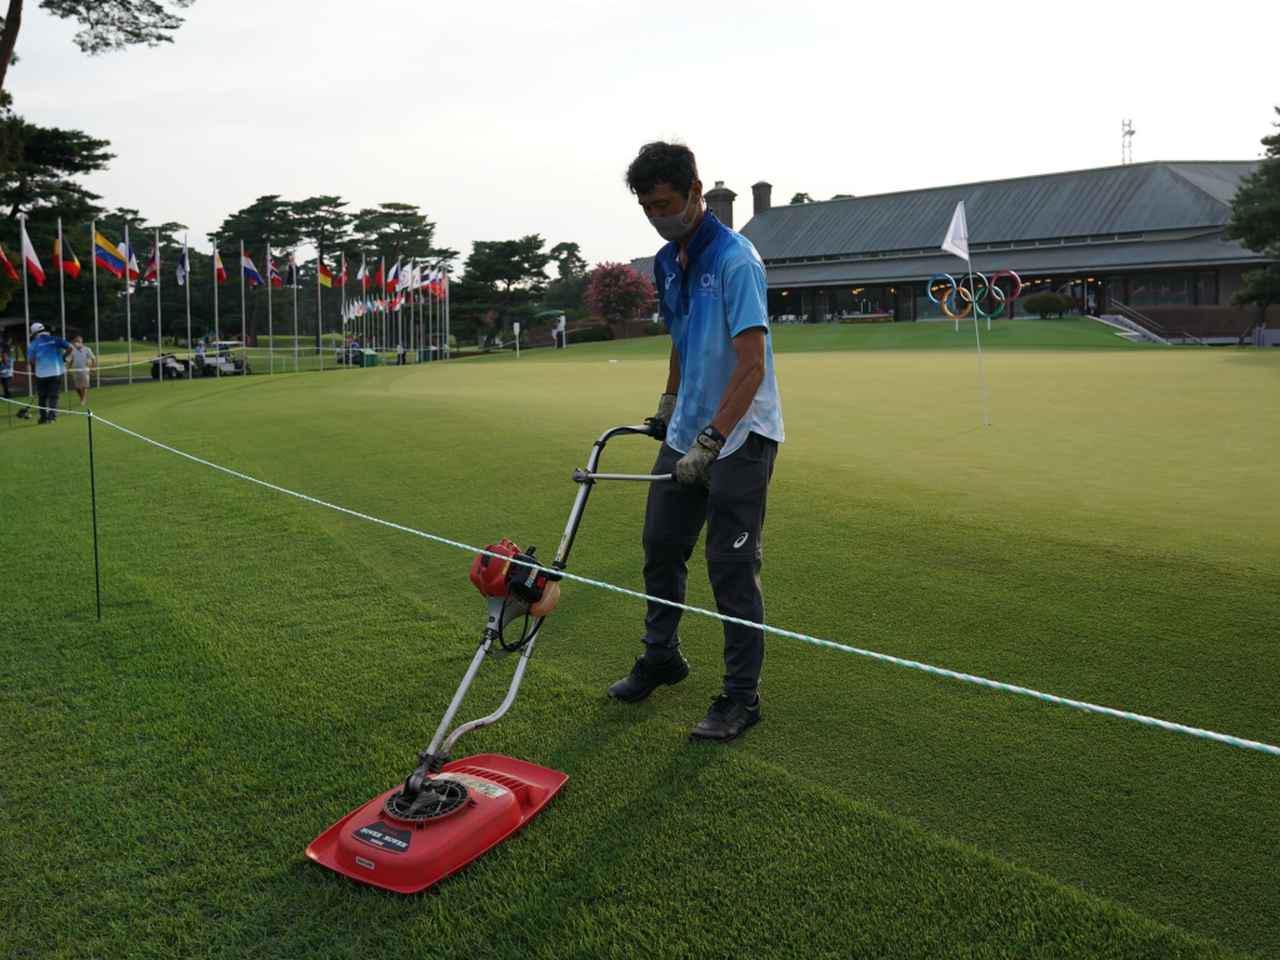 画像: グリーン周りの芝は逆目になるよう芝の長さを調整してカットしているという